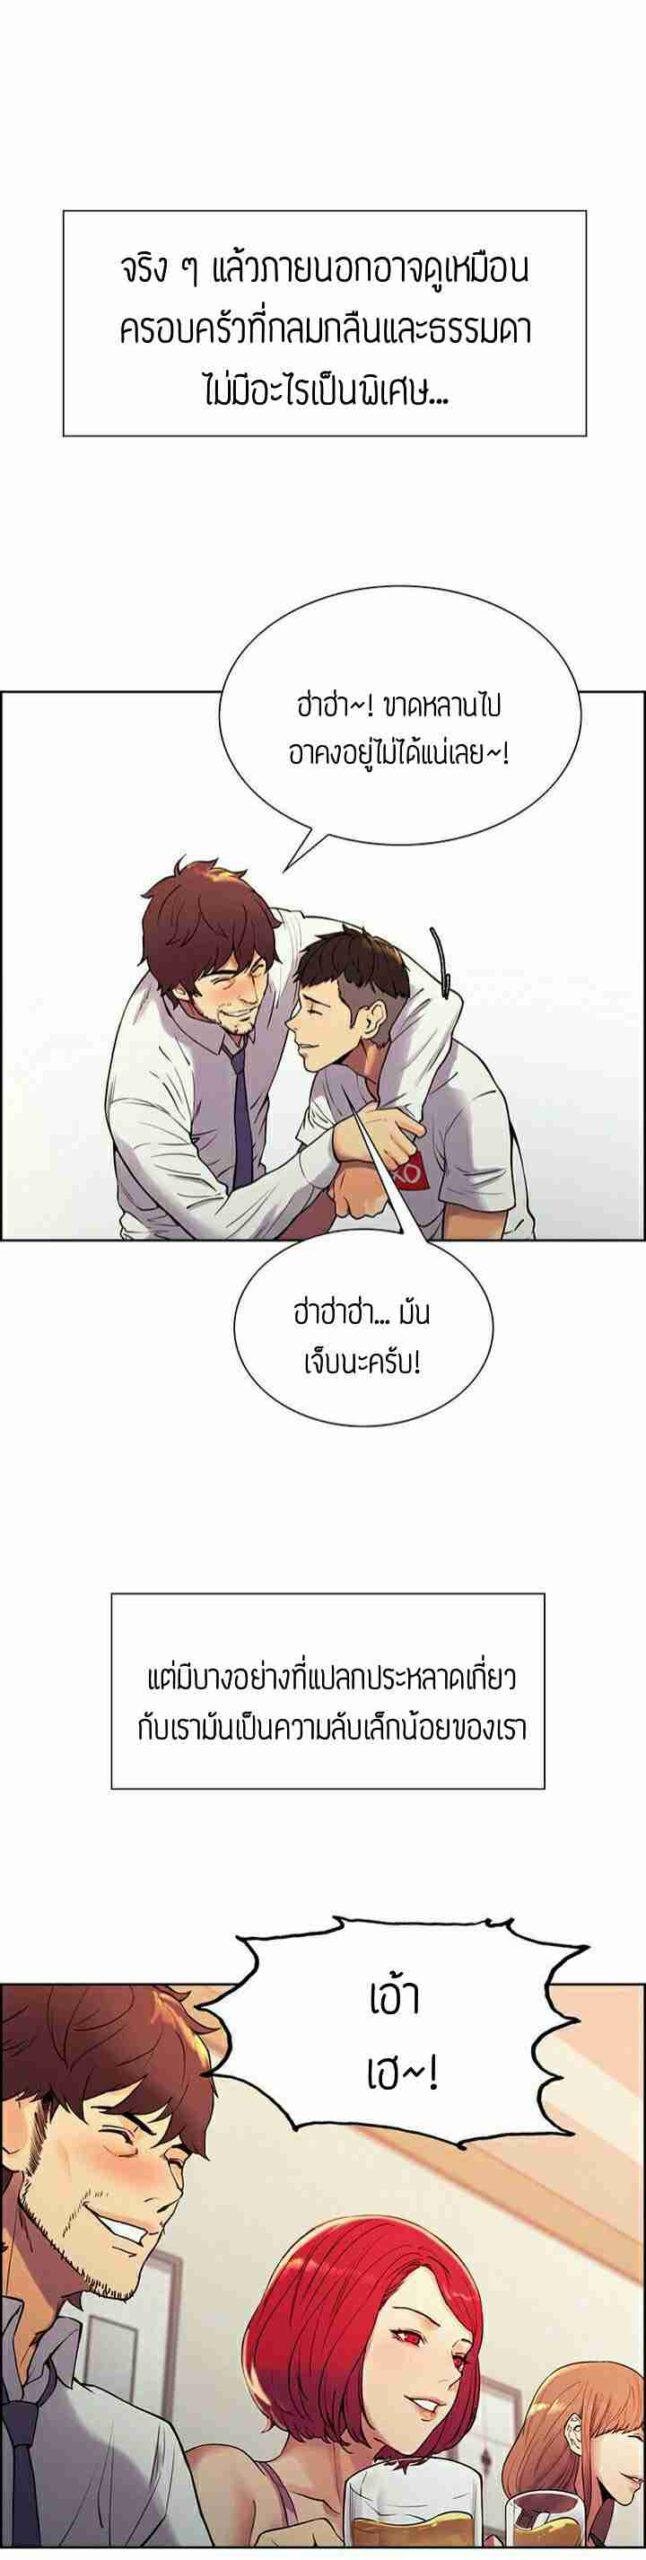 โดจิน Doujin รักแบบครอบครัวปลอมๆ8